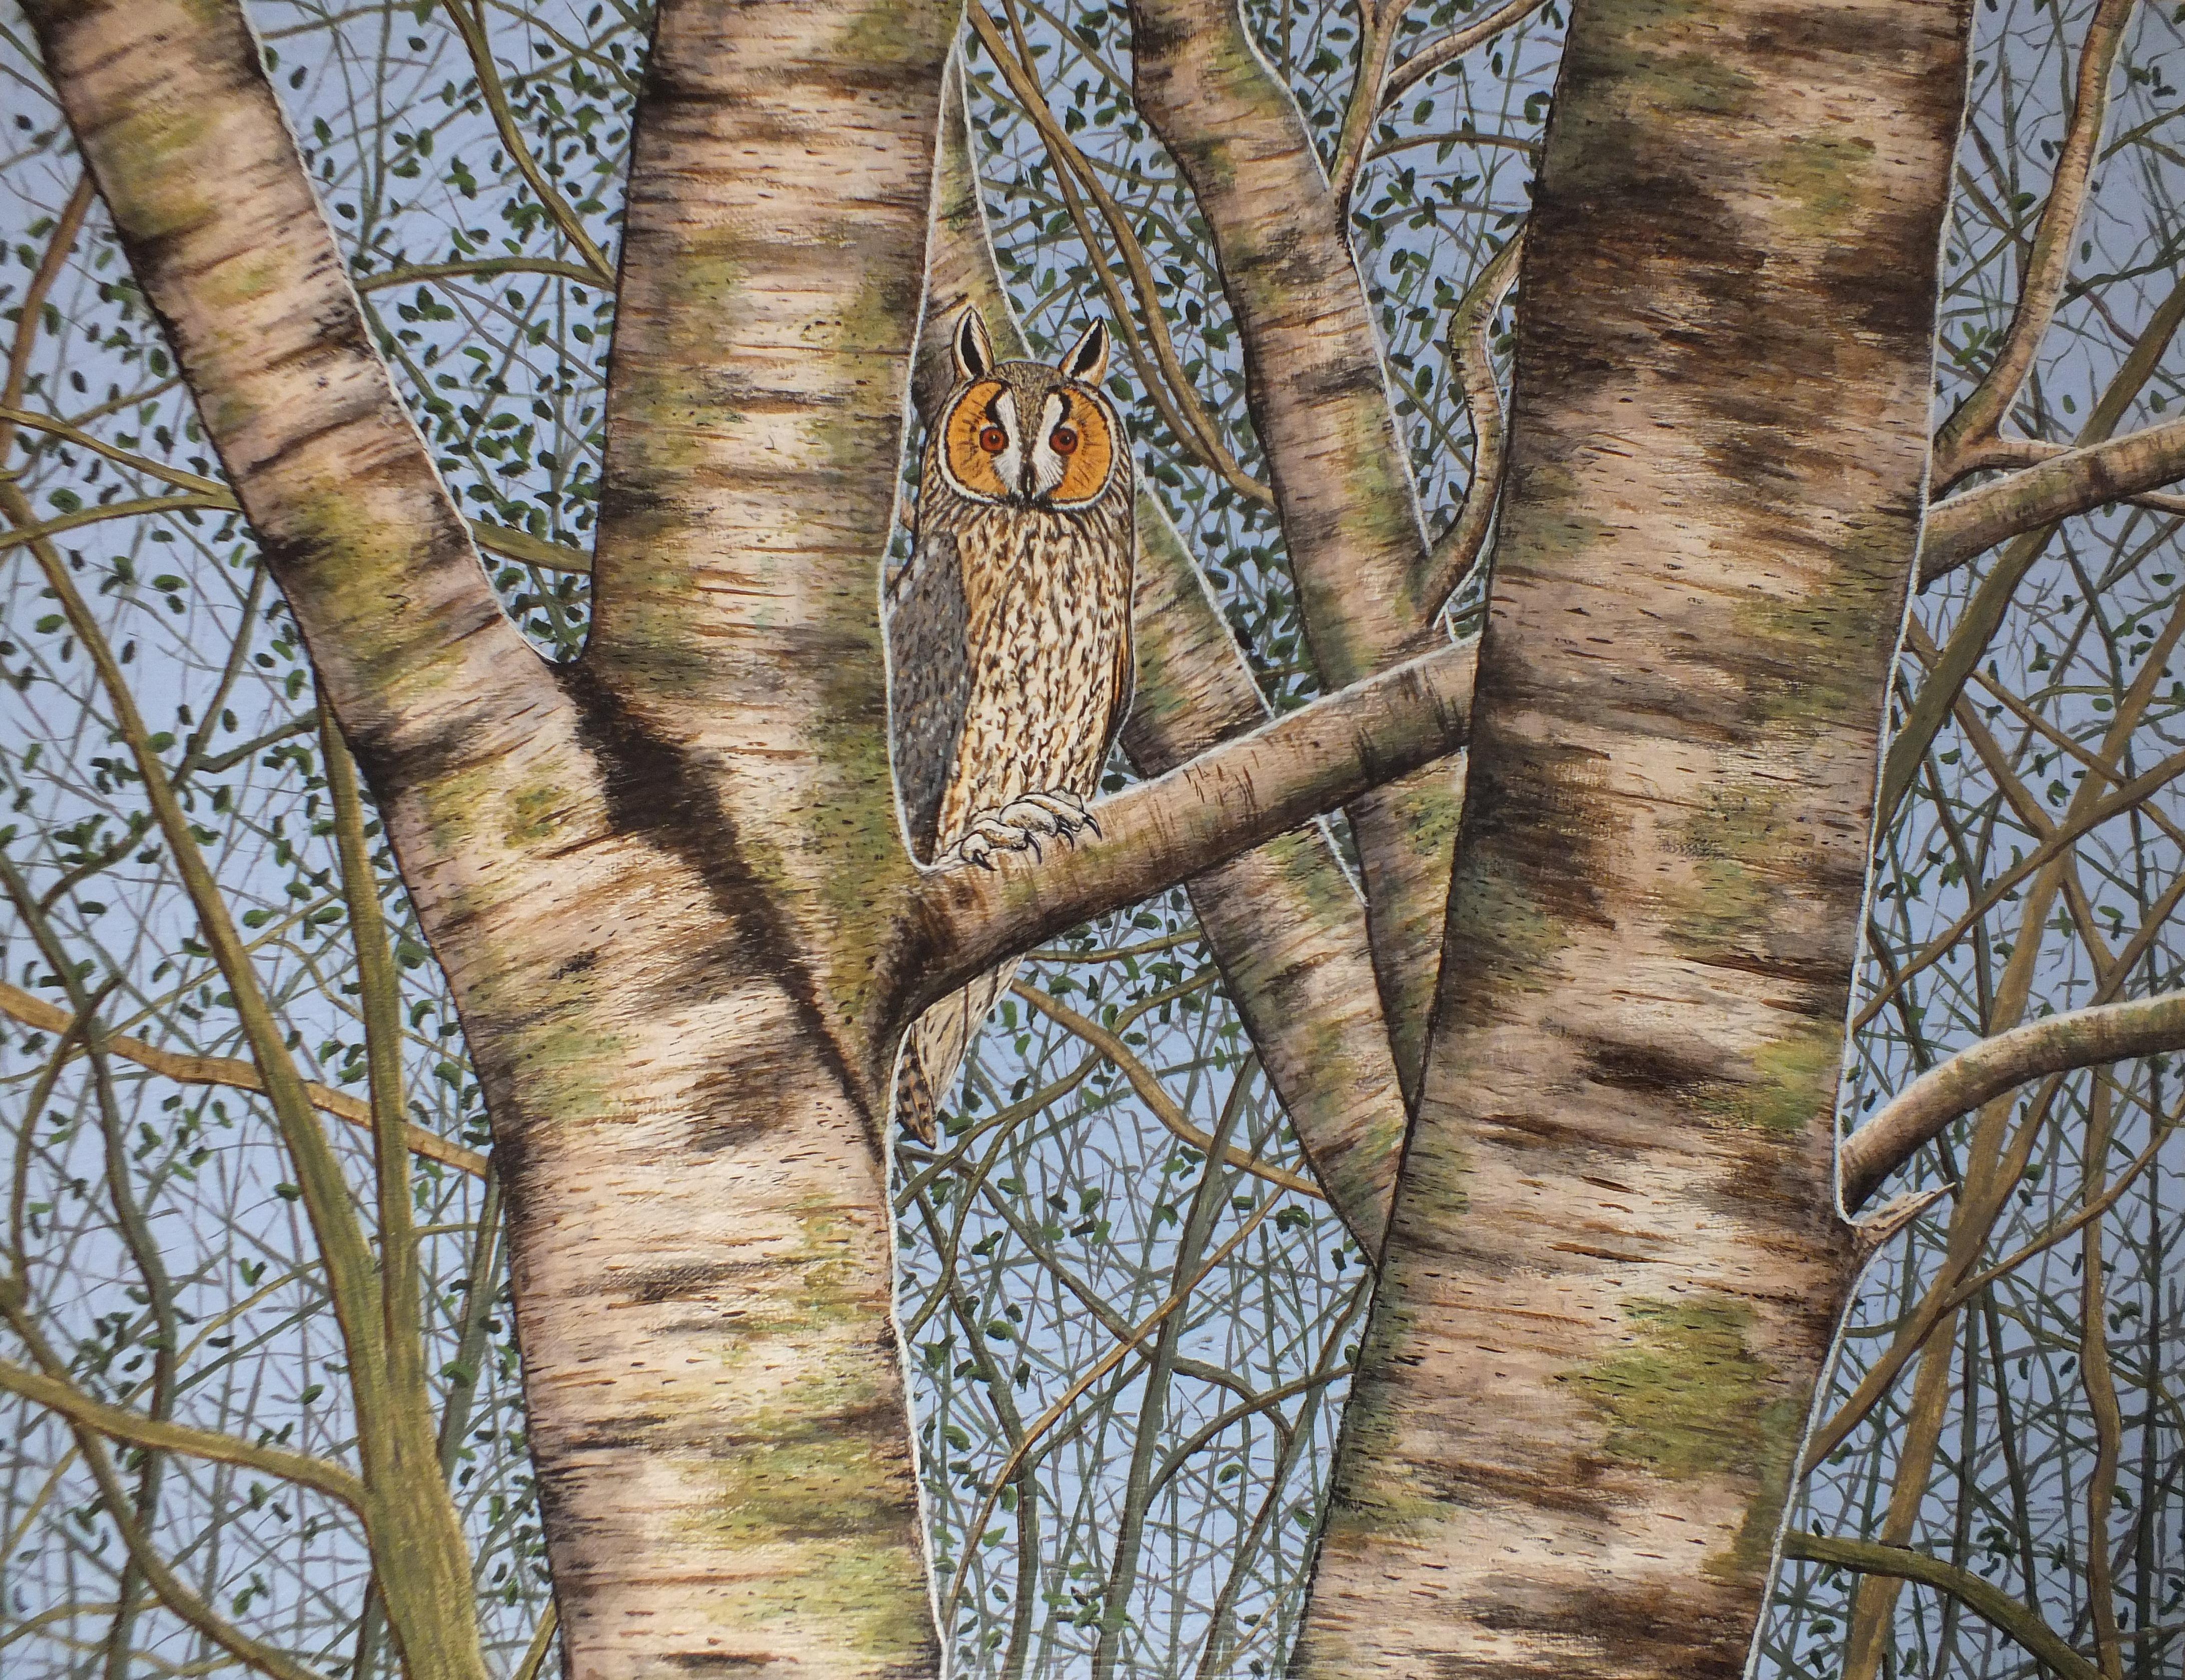 Long eared Owl in Birch